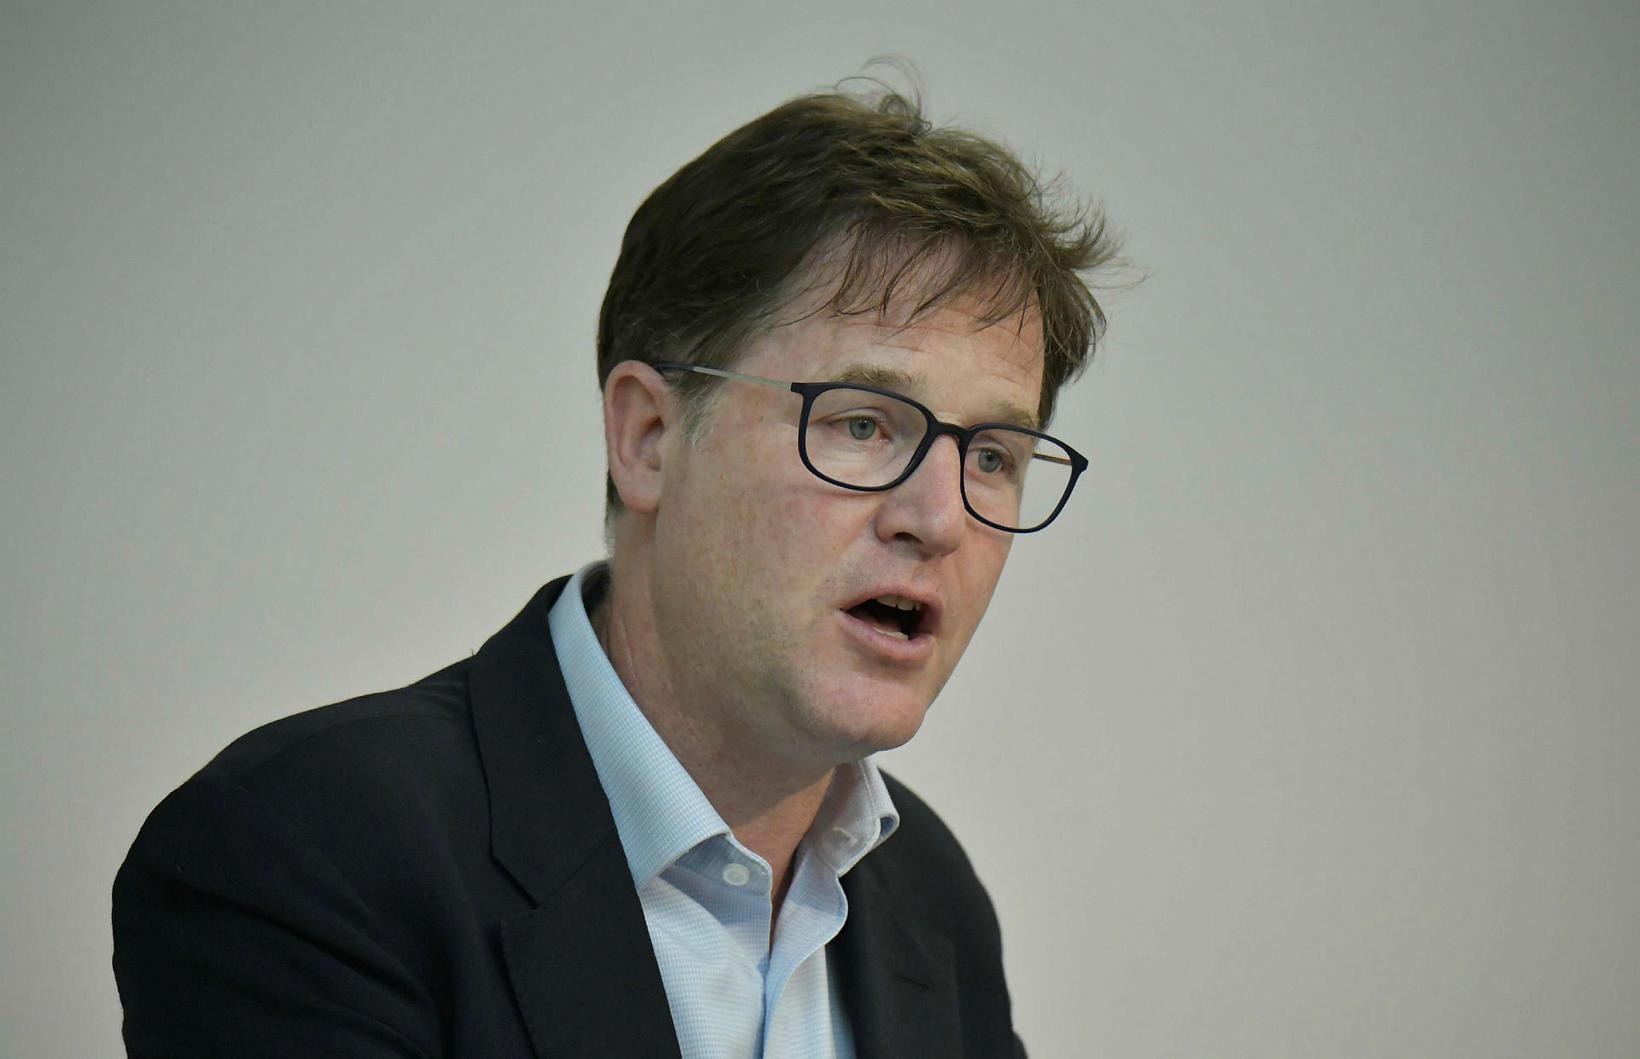 Nick Clegg, aðstoðarforstjóri Facebook og fyrrverandi varaforsætisráðherra Bretlands. Hann segir …